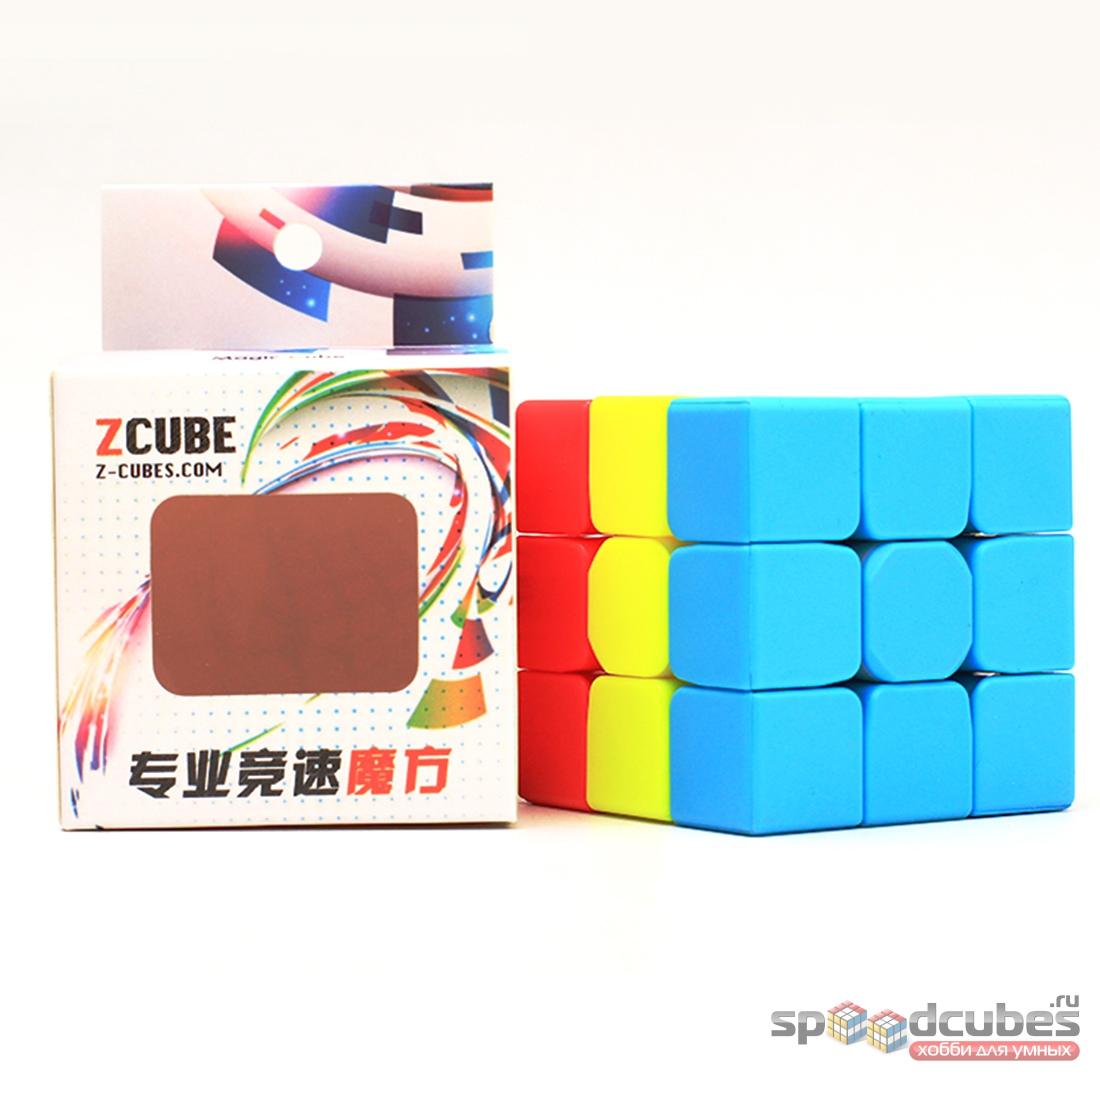 Z 3x3 Sandwich Cube 3